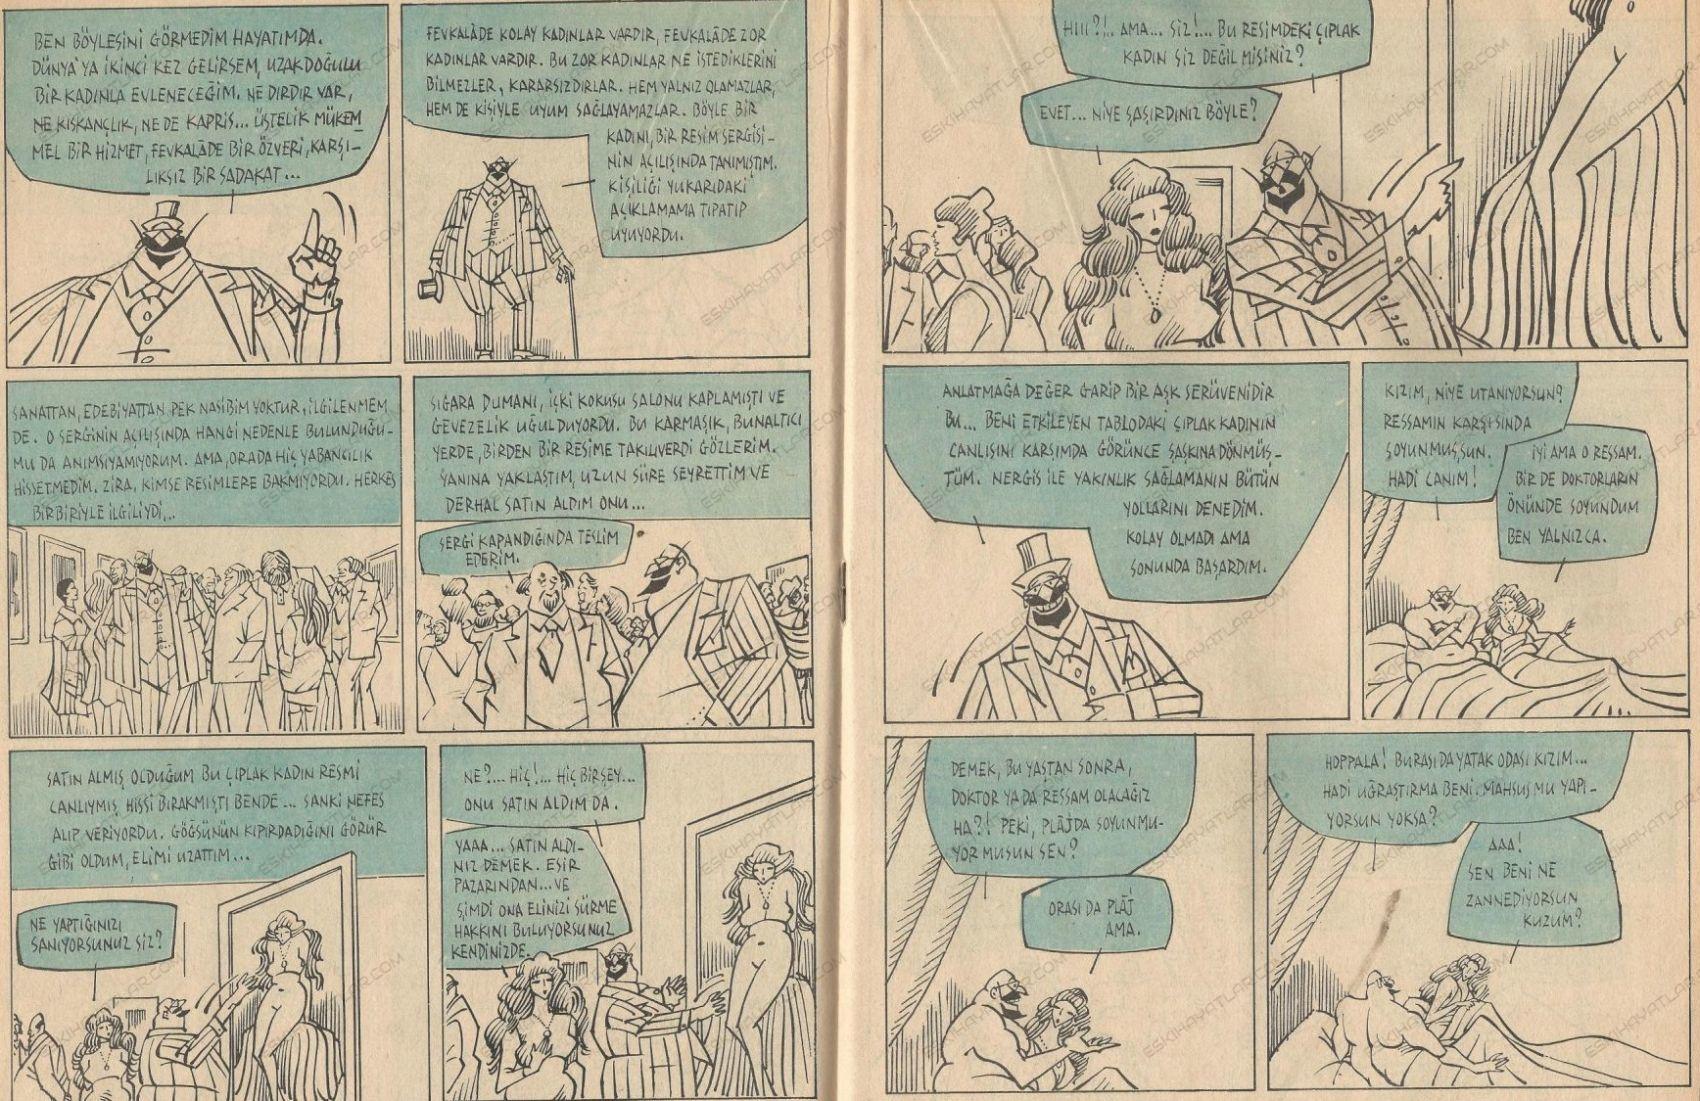 0177-abdulcanbaz-kadin-nedir-senin-adin-turhan-selcuk-milliyet-yayinlari (16)